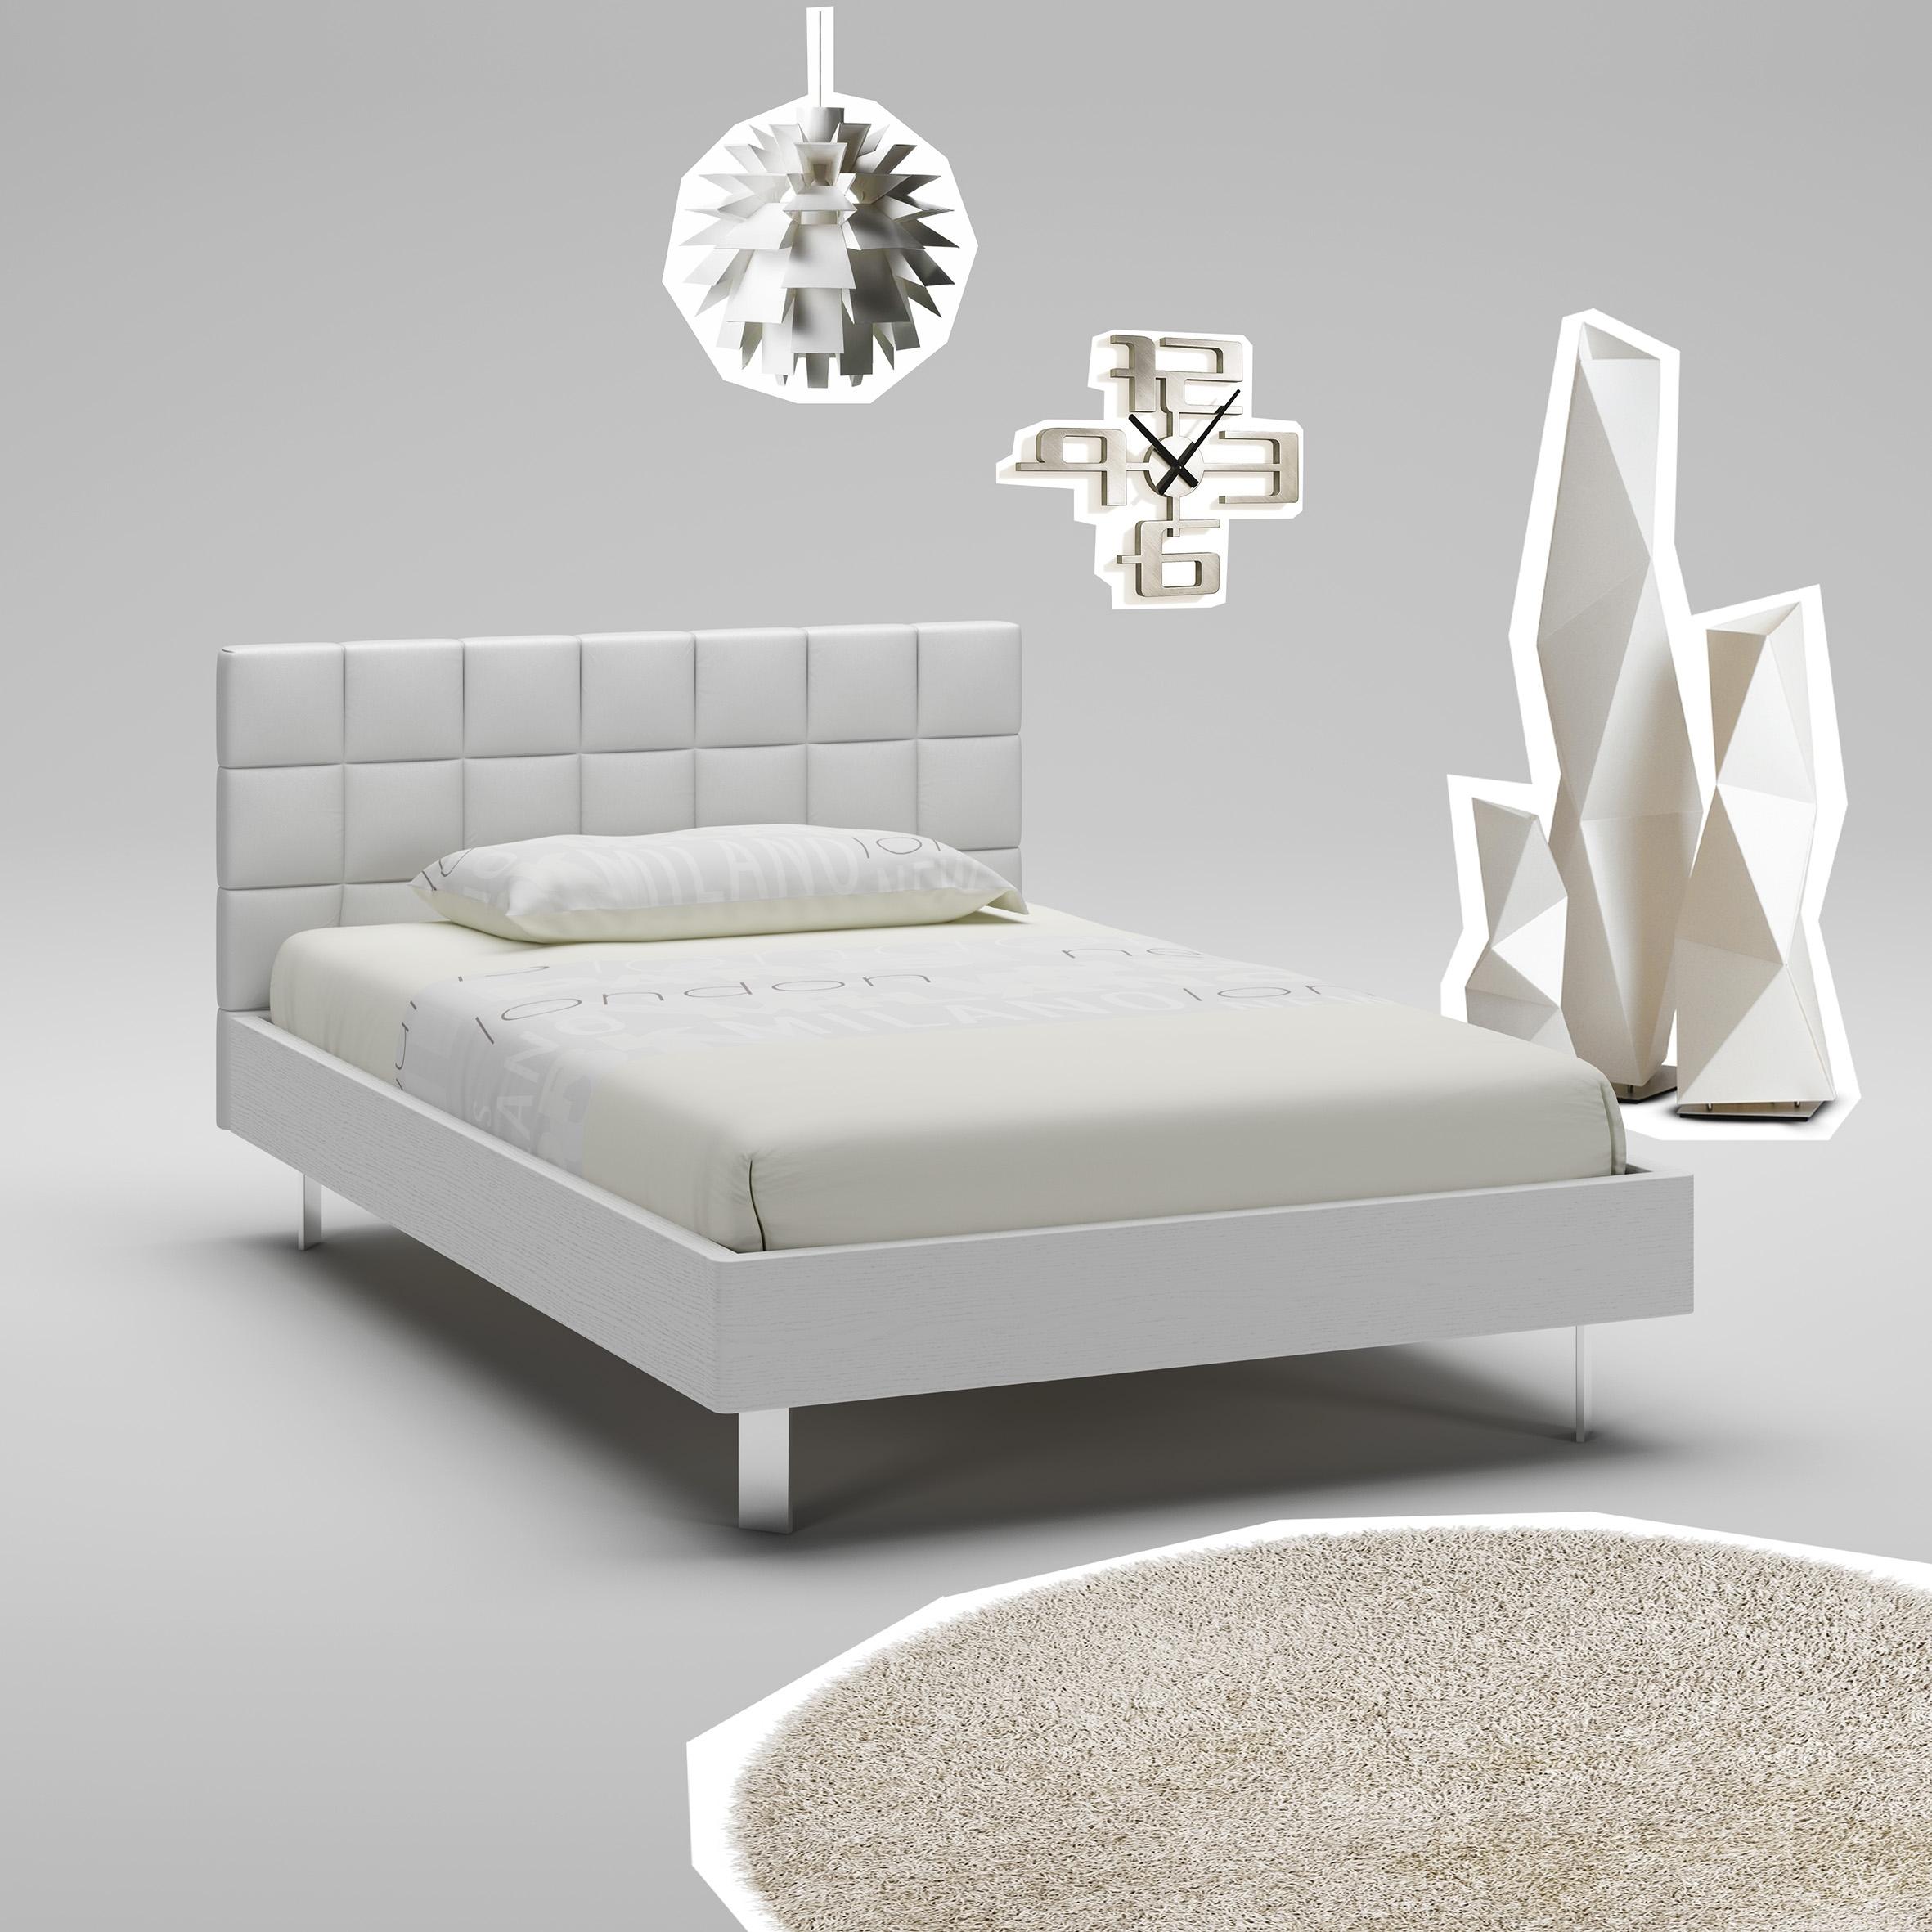 Lit ado blanc avec tte de lit rembourre  MORETTI